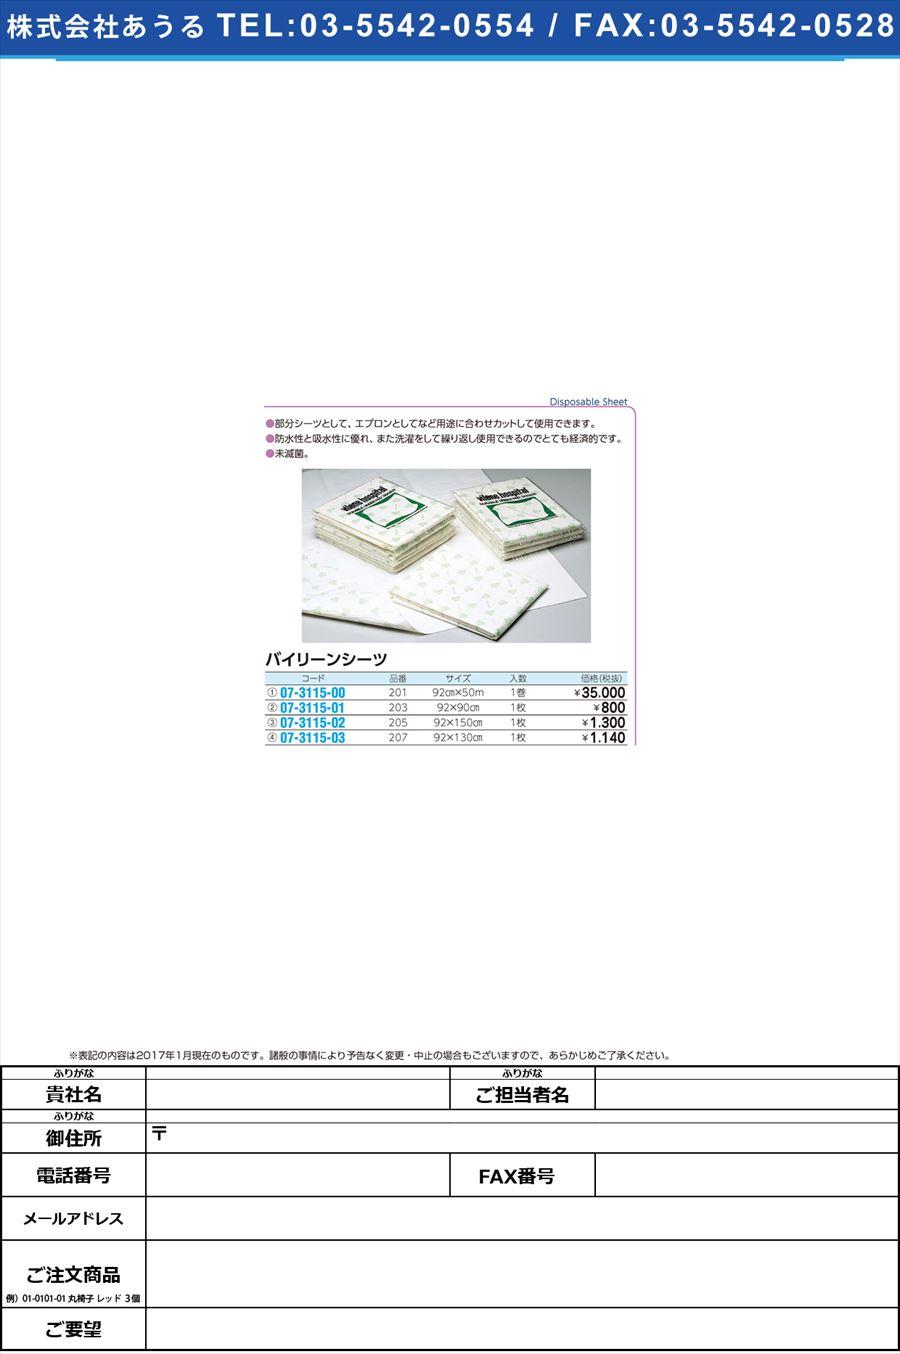 バイリーンシーツ(1巻入) バイリーンシーツ 201(92CMX50M)(07-3115-00)【1巻単位】【2017年カタログ商品】